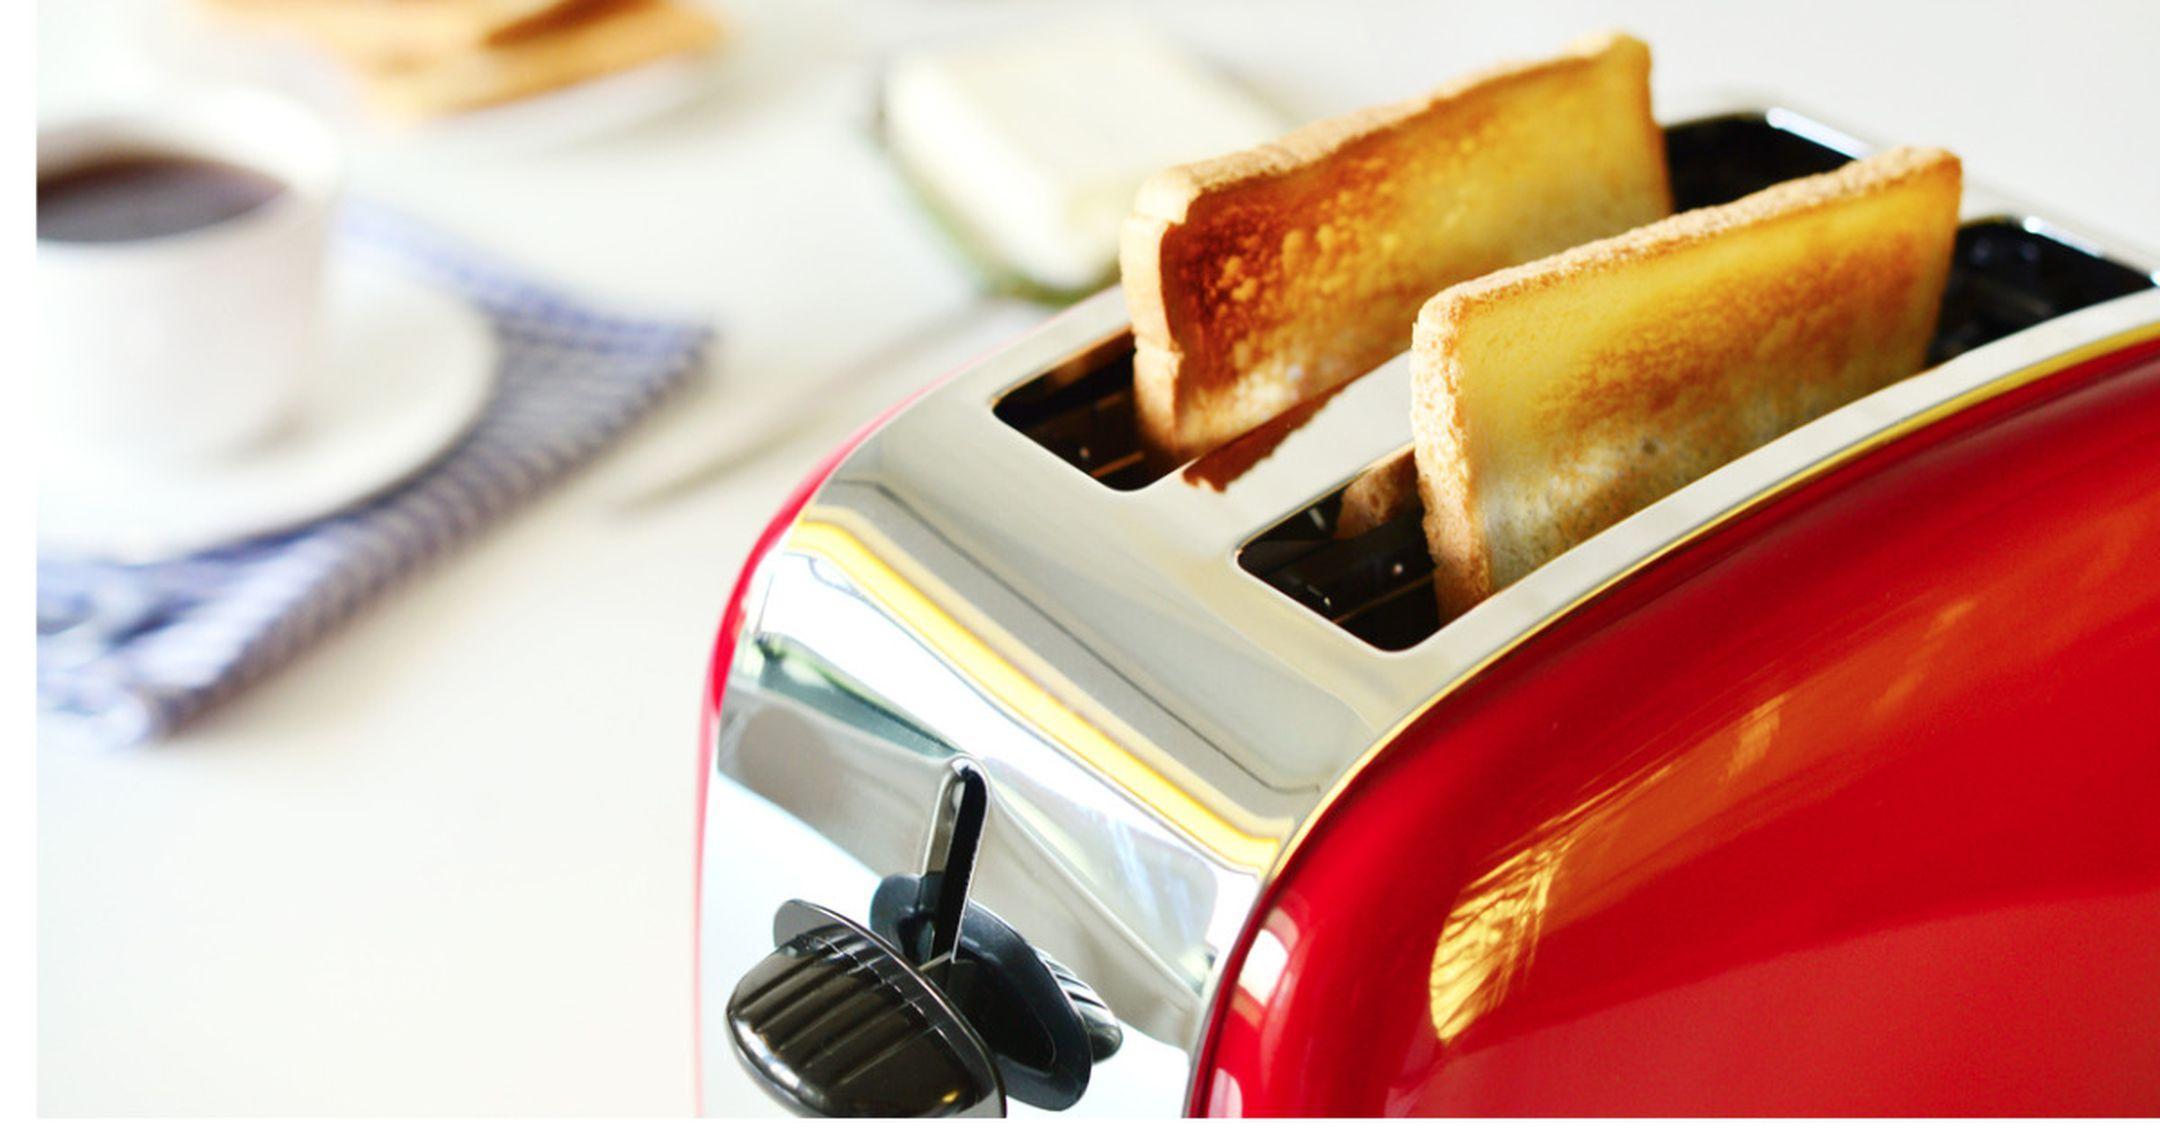 toaster-1536161739006-1536161740819.jpg